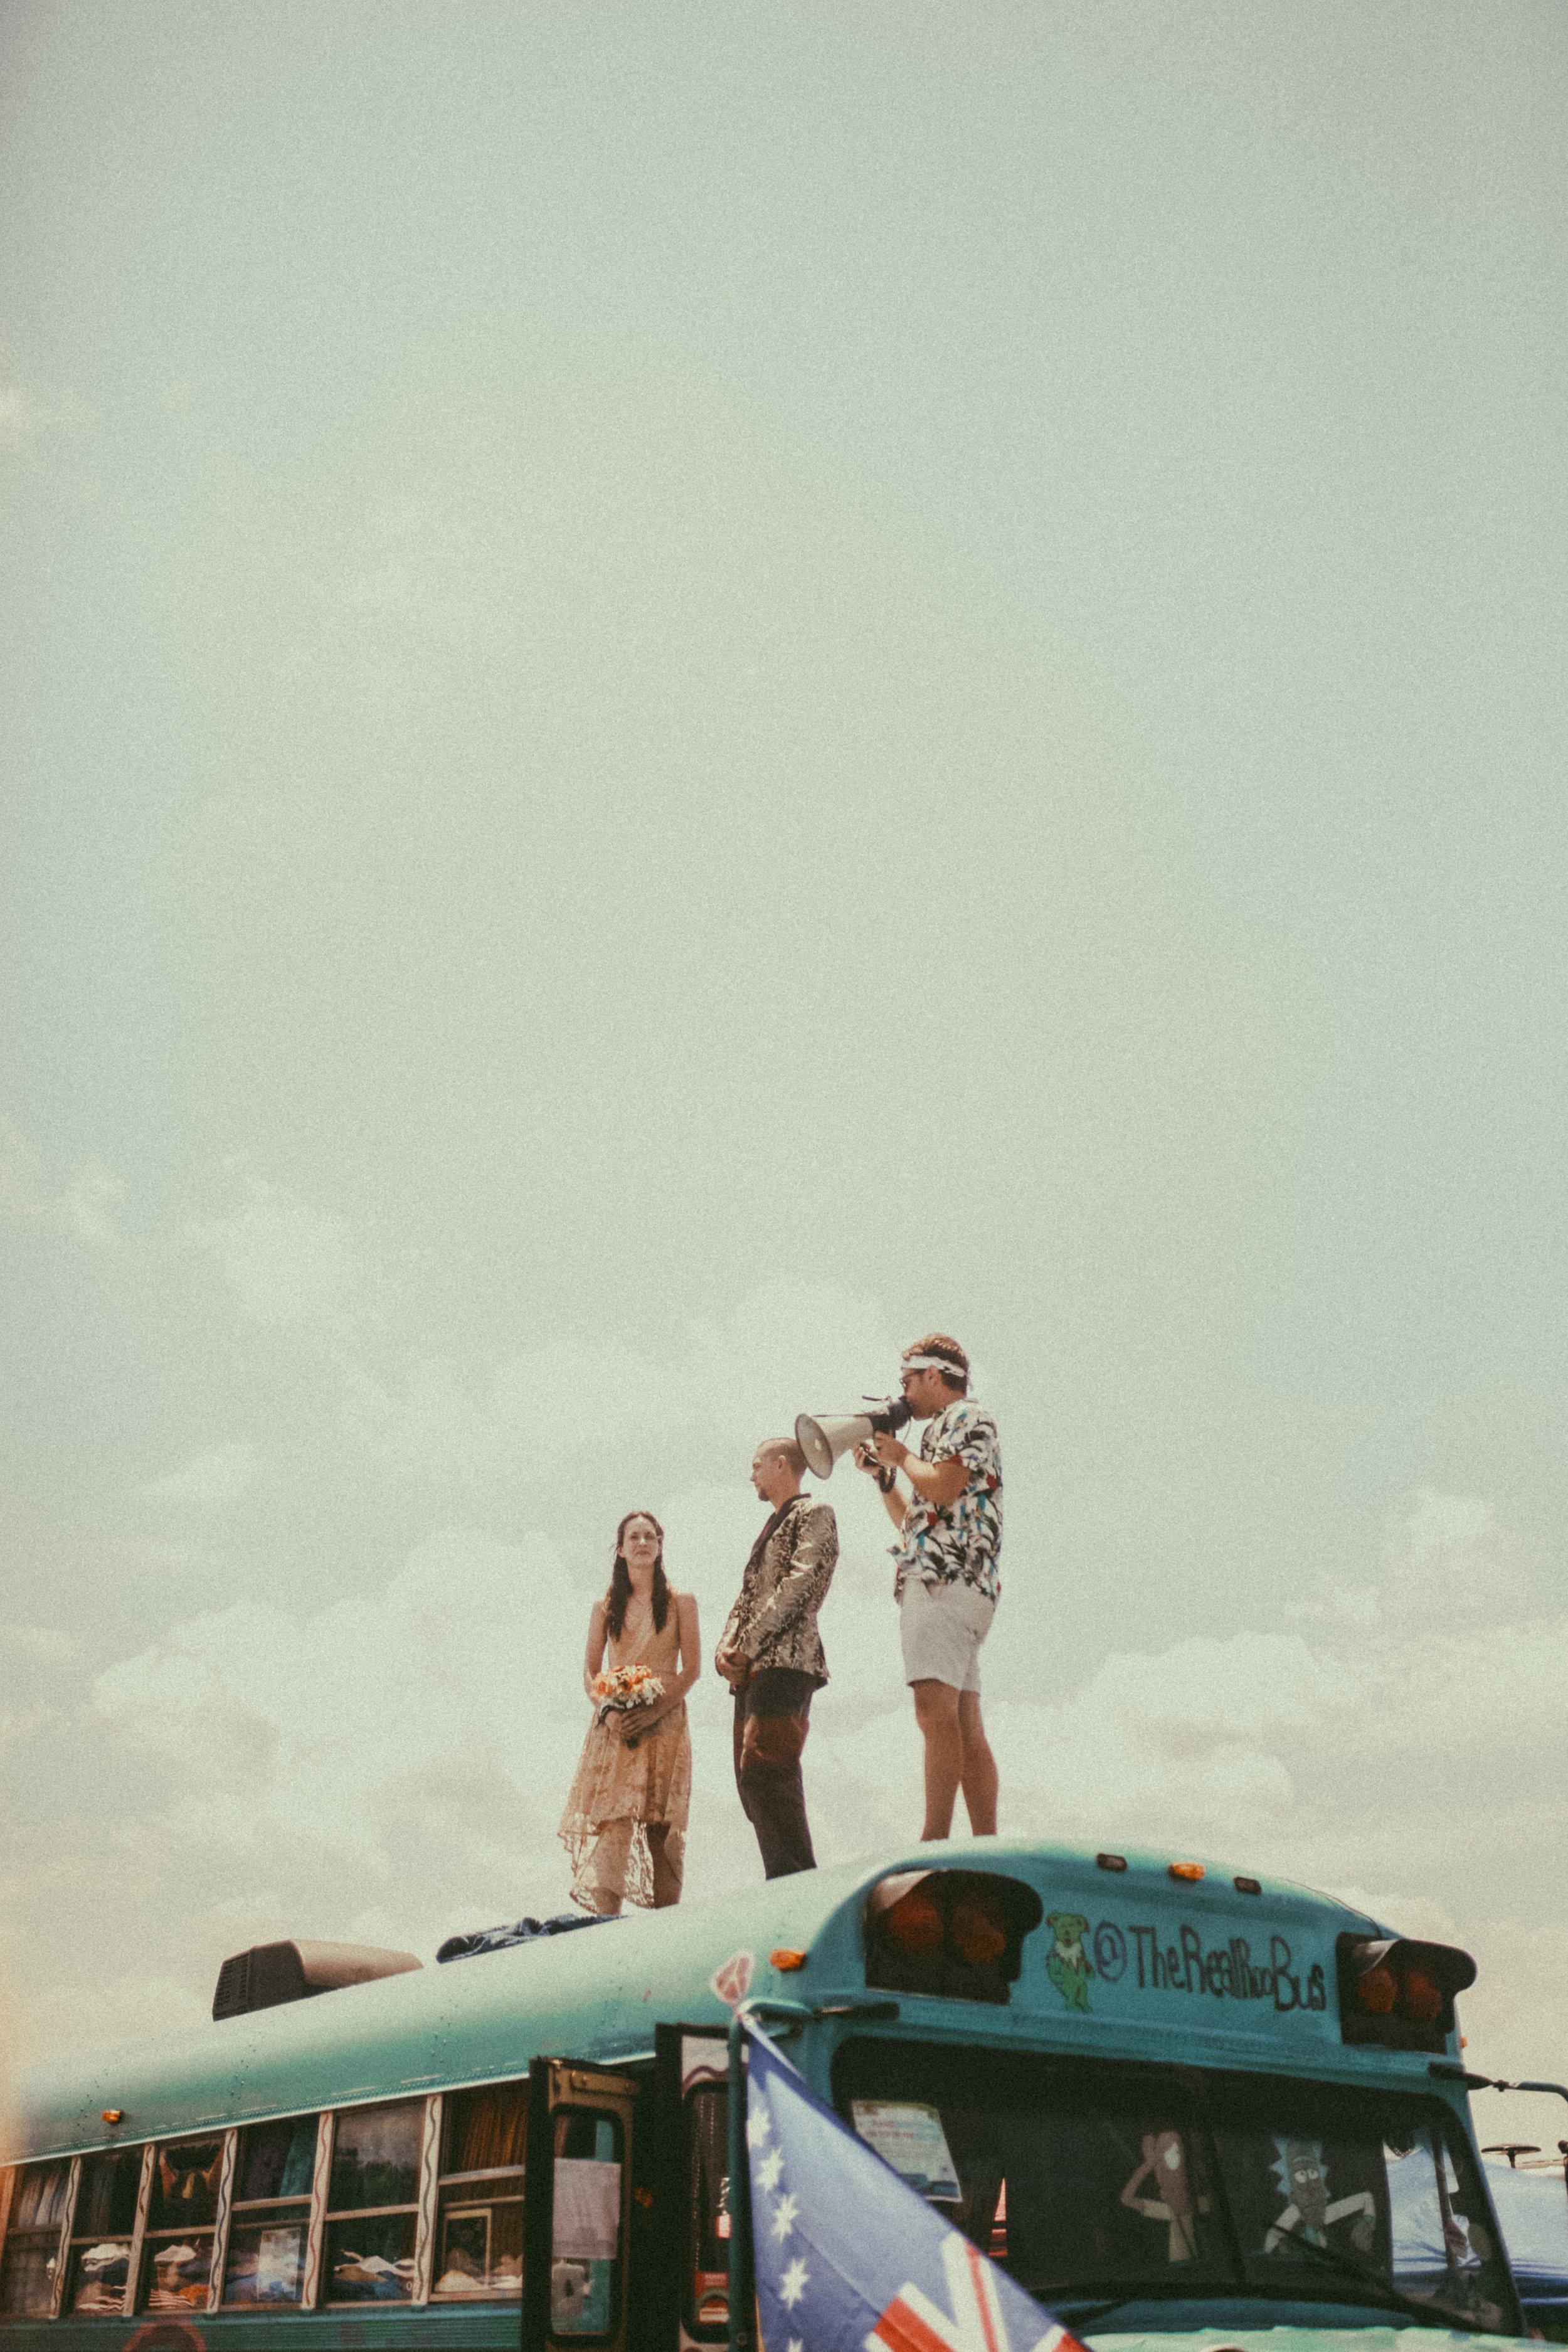 Bonnaroo-MusicFestivalWedding-Brittany&Kevin-20.jpg